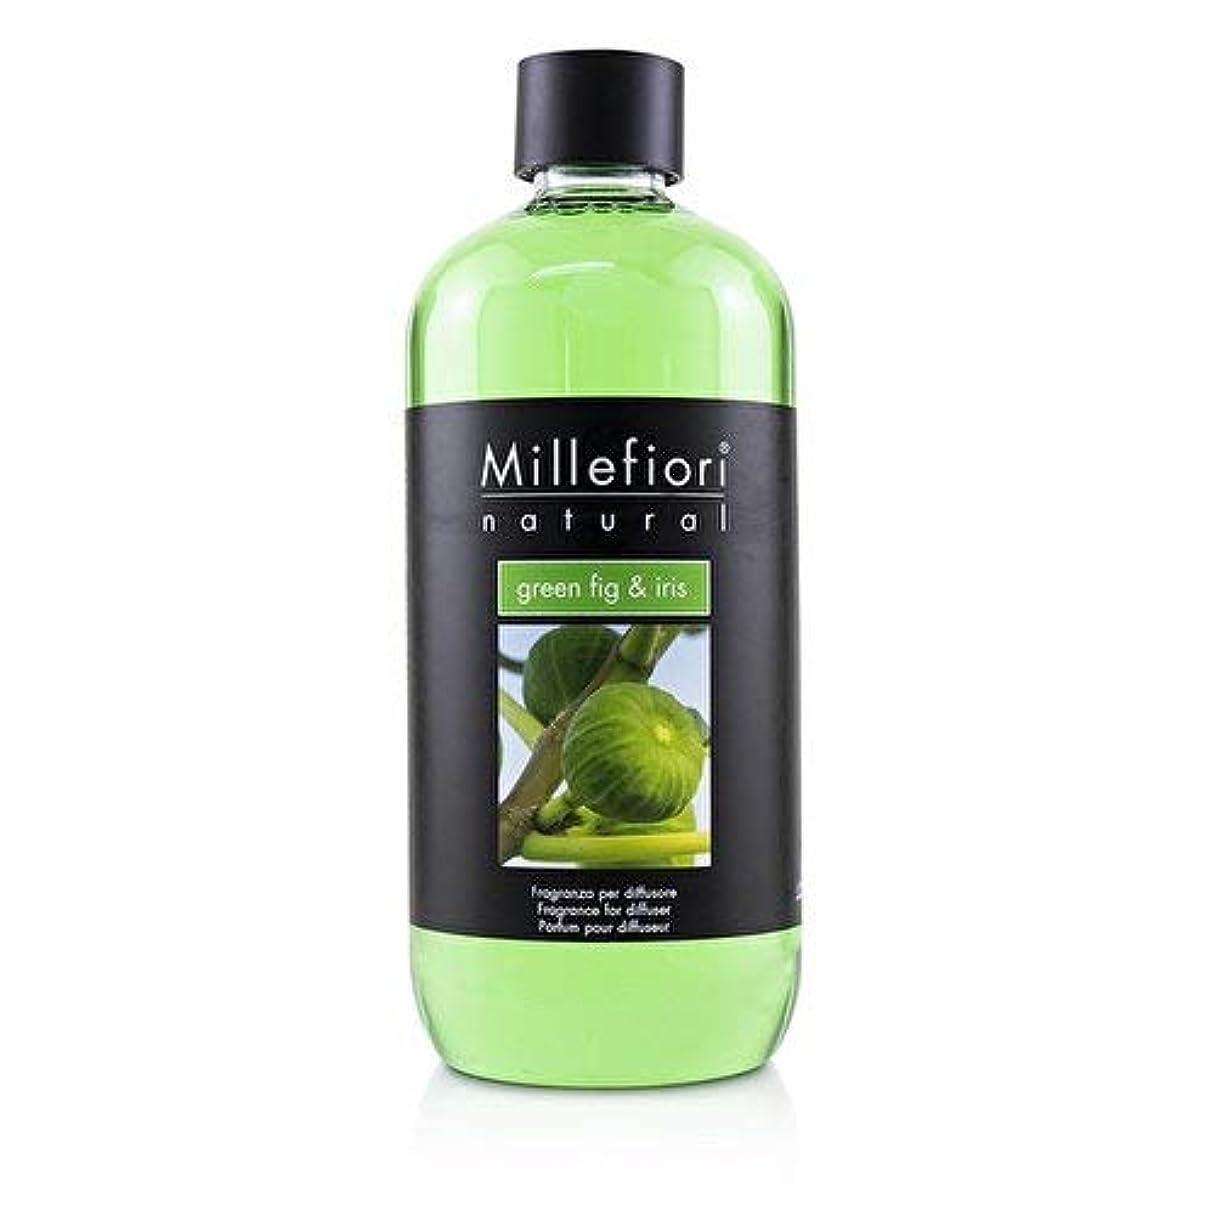 キャロラインバッグ二次ミッレフィオーリ Natural Fragrance Diffuser Refill - Green Fig & Iris 500ml/16.9oz並行輸入品